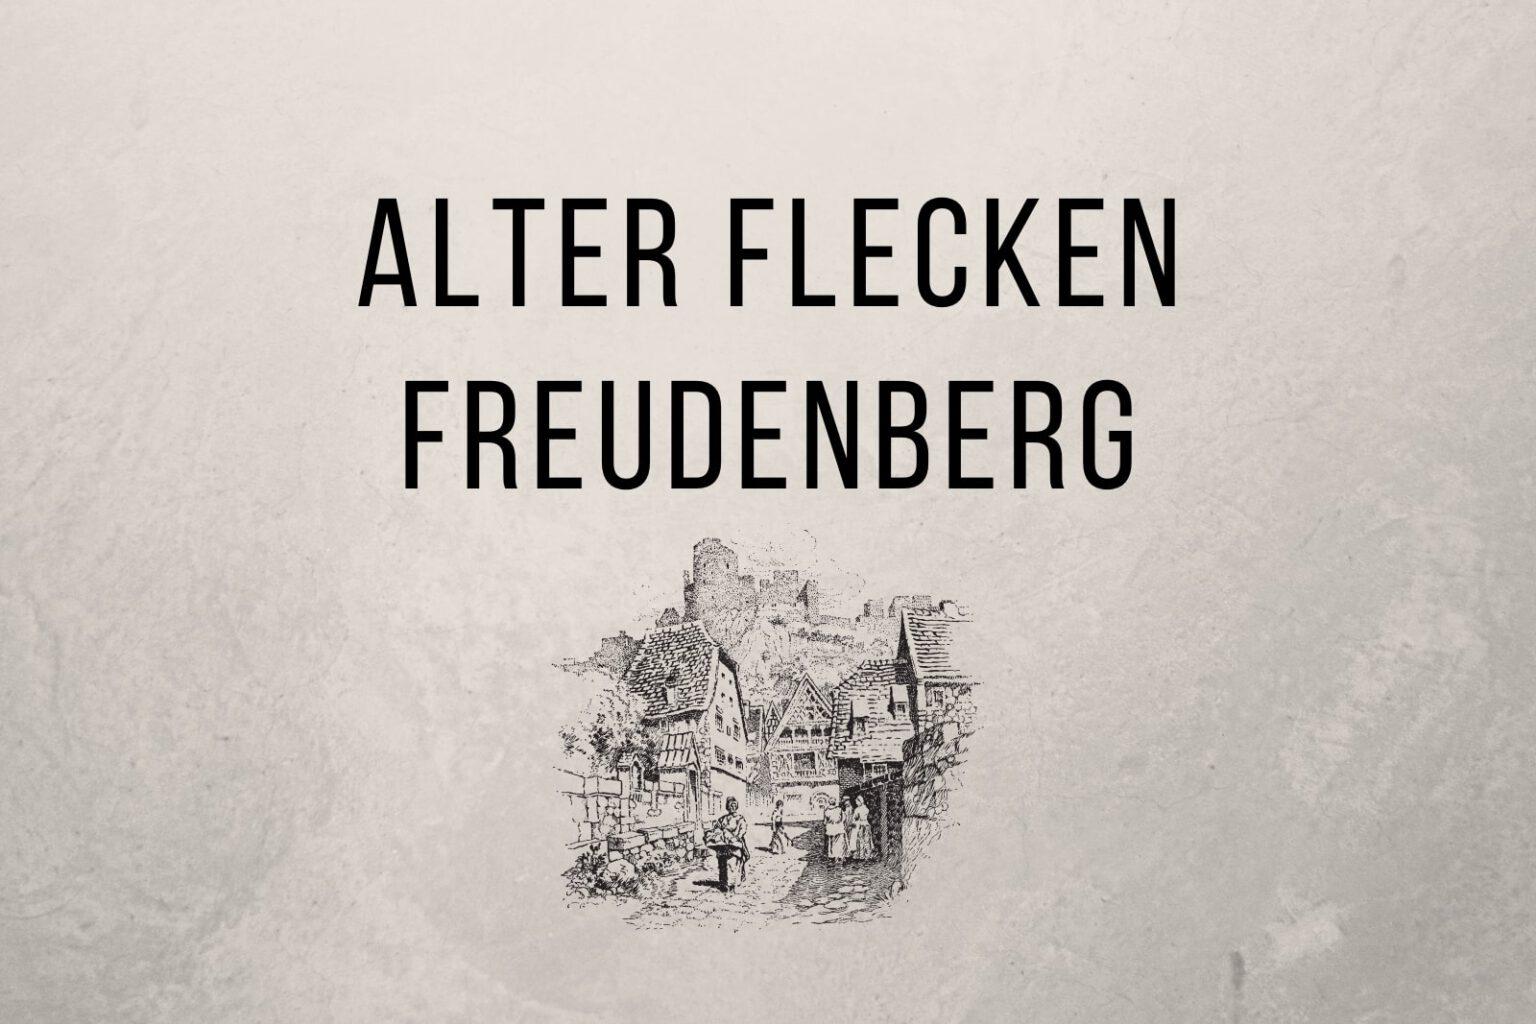 Ausflugsziel-alter-flecken-freudenberg